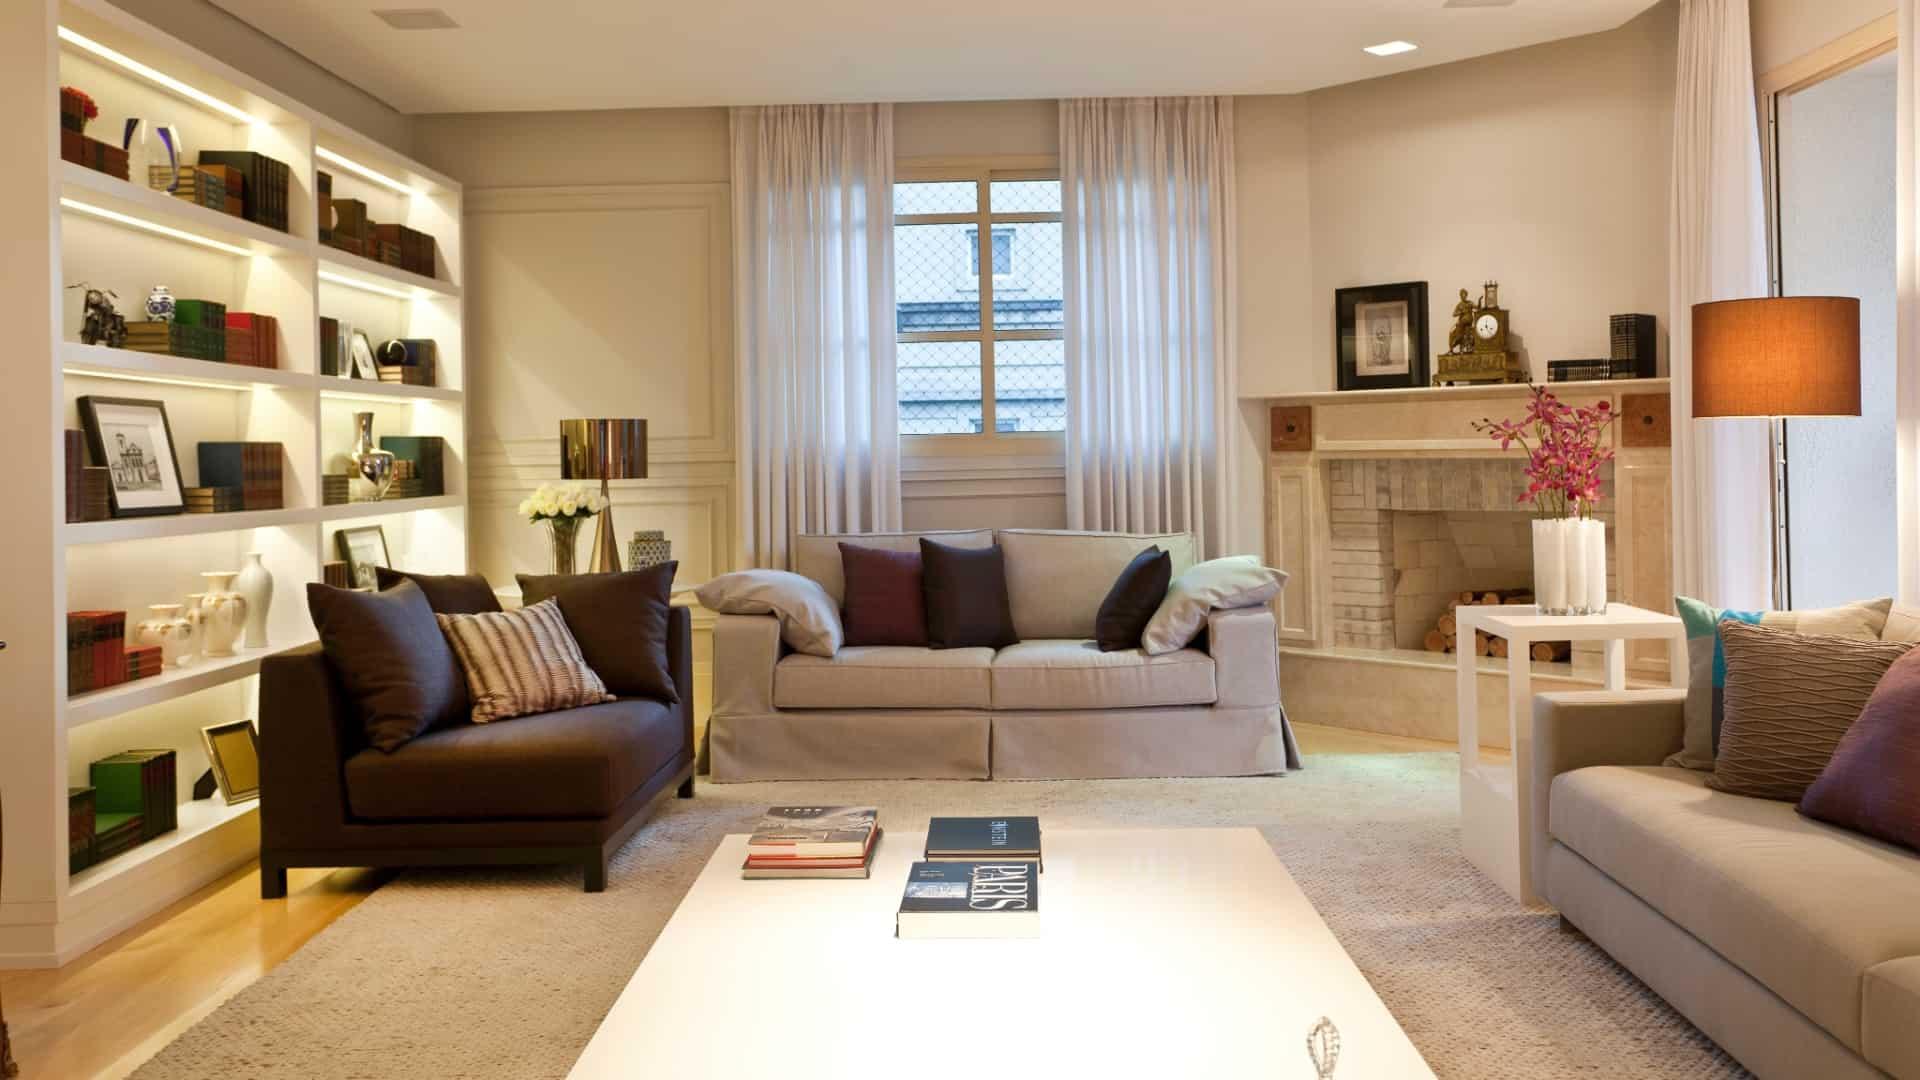 sala grande com tapete liso